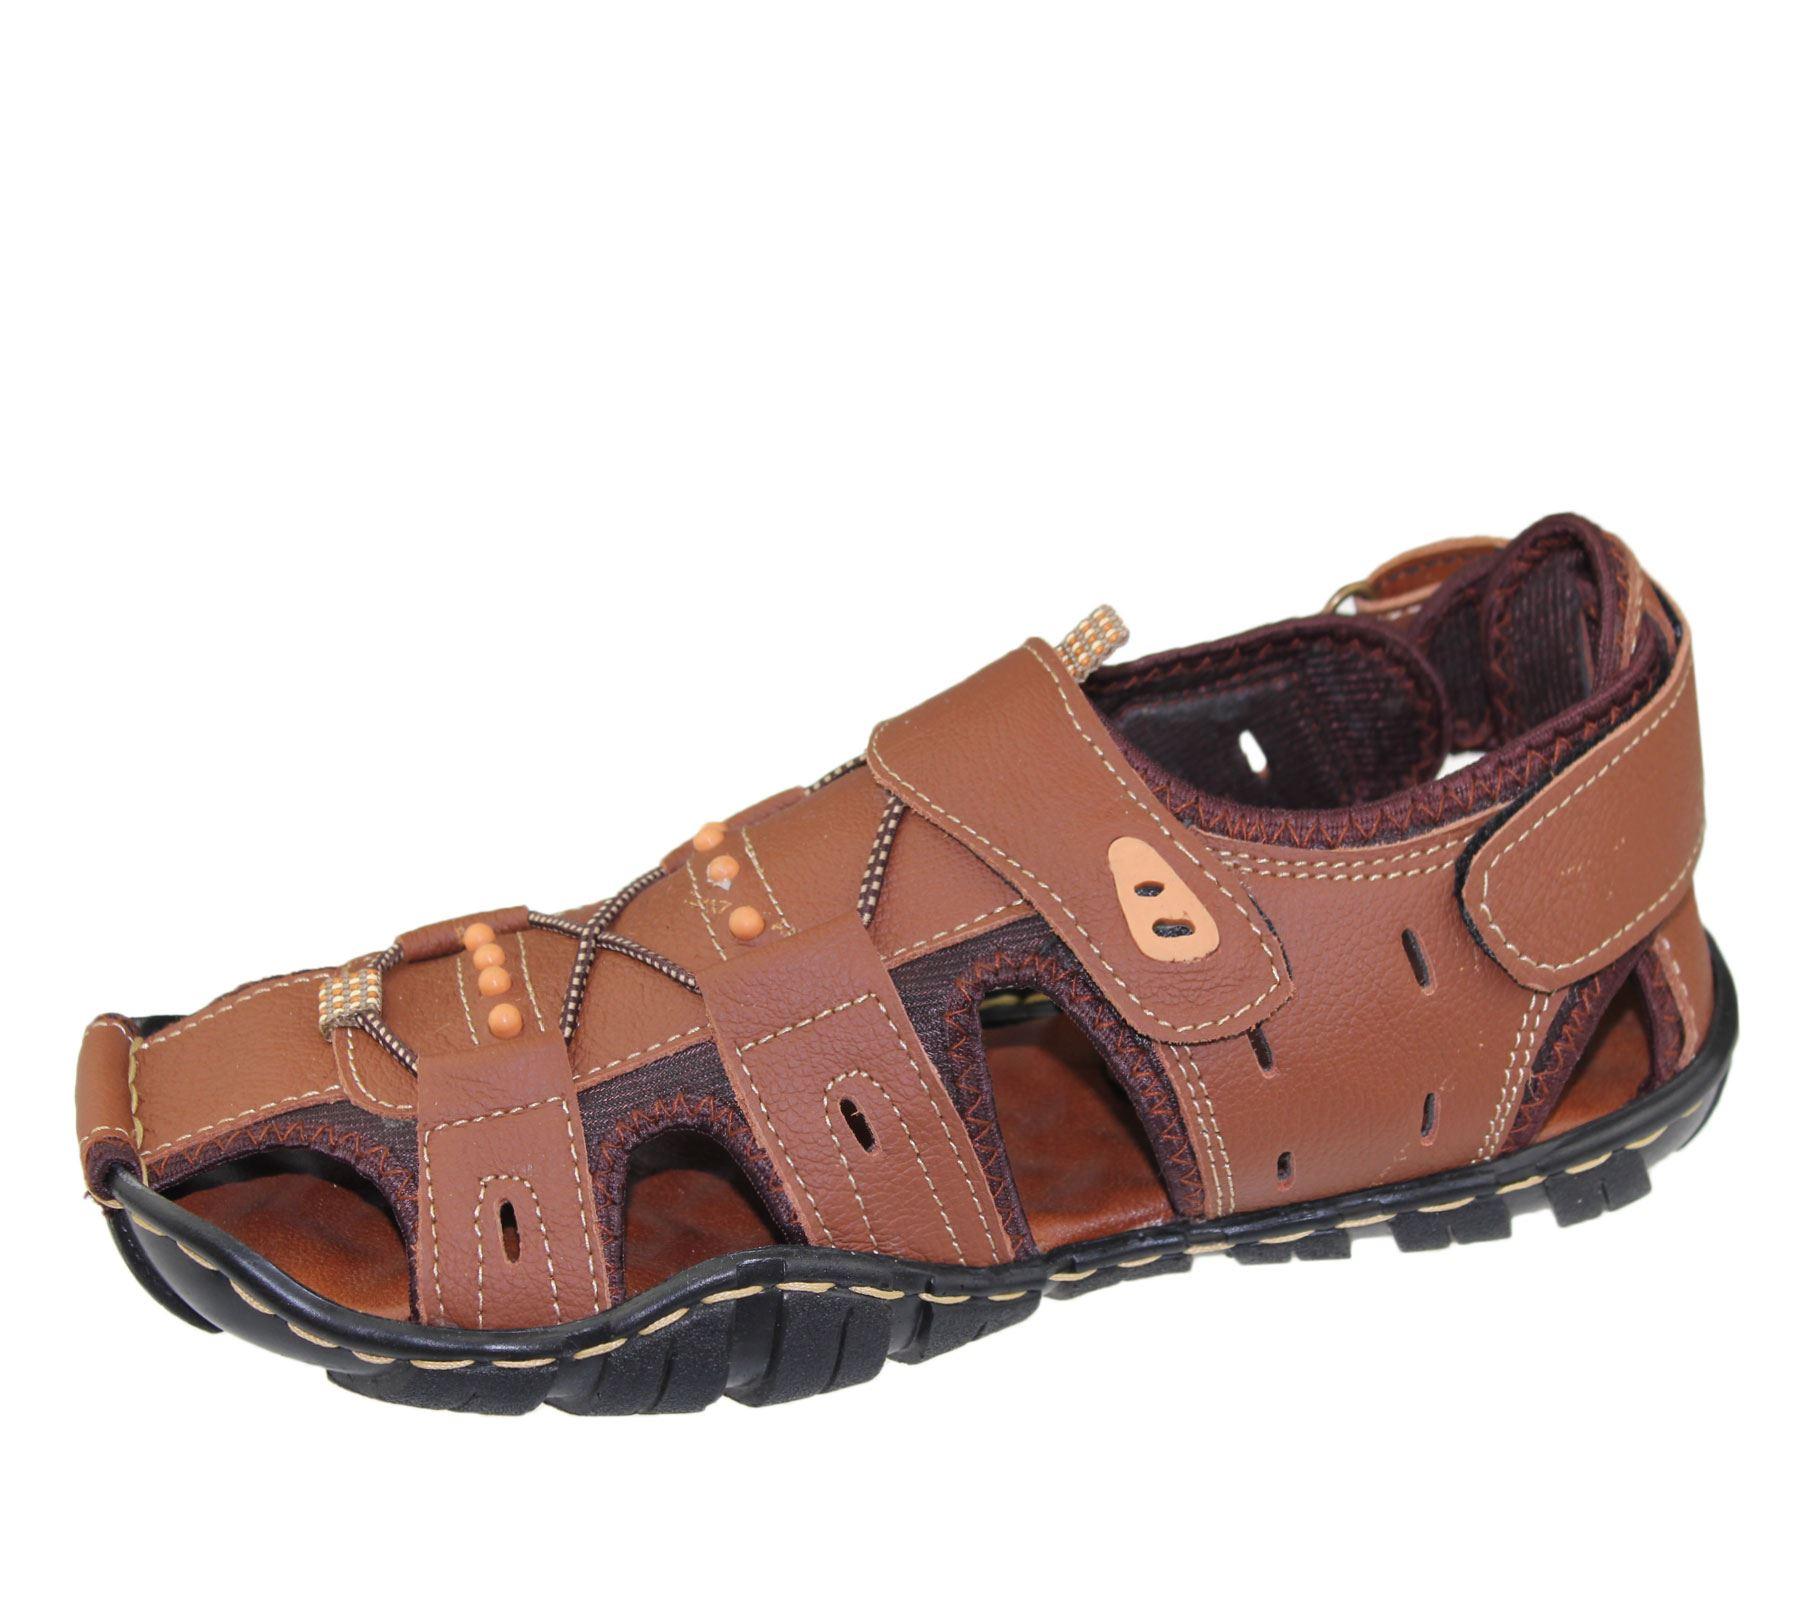 Mens-Sandal-Beach-Buckle-Walking-Fashion-Summer-Casual-Slipper miniatura 14